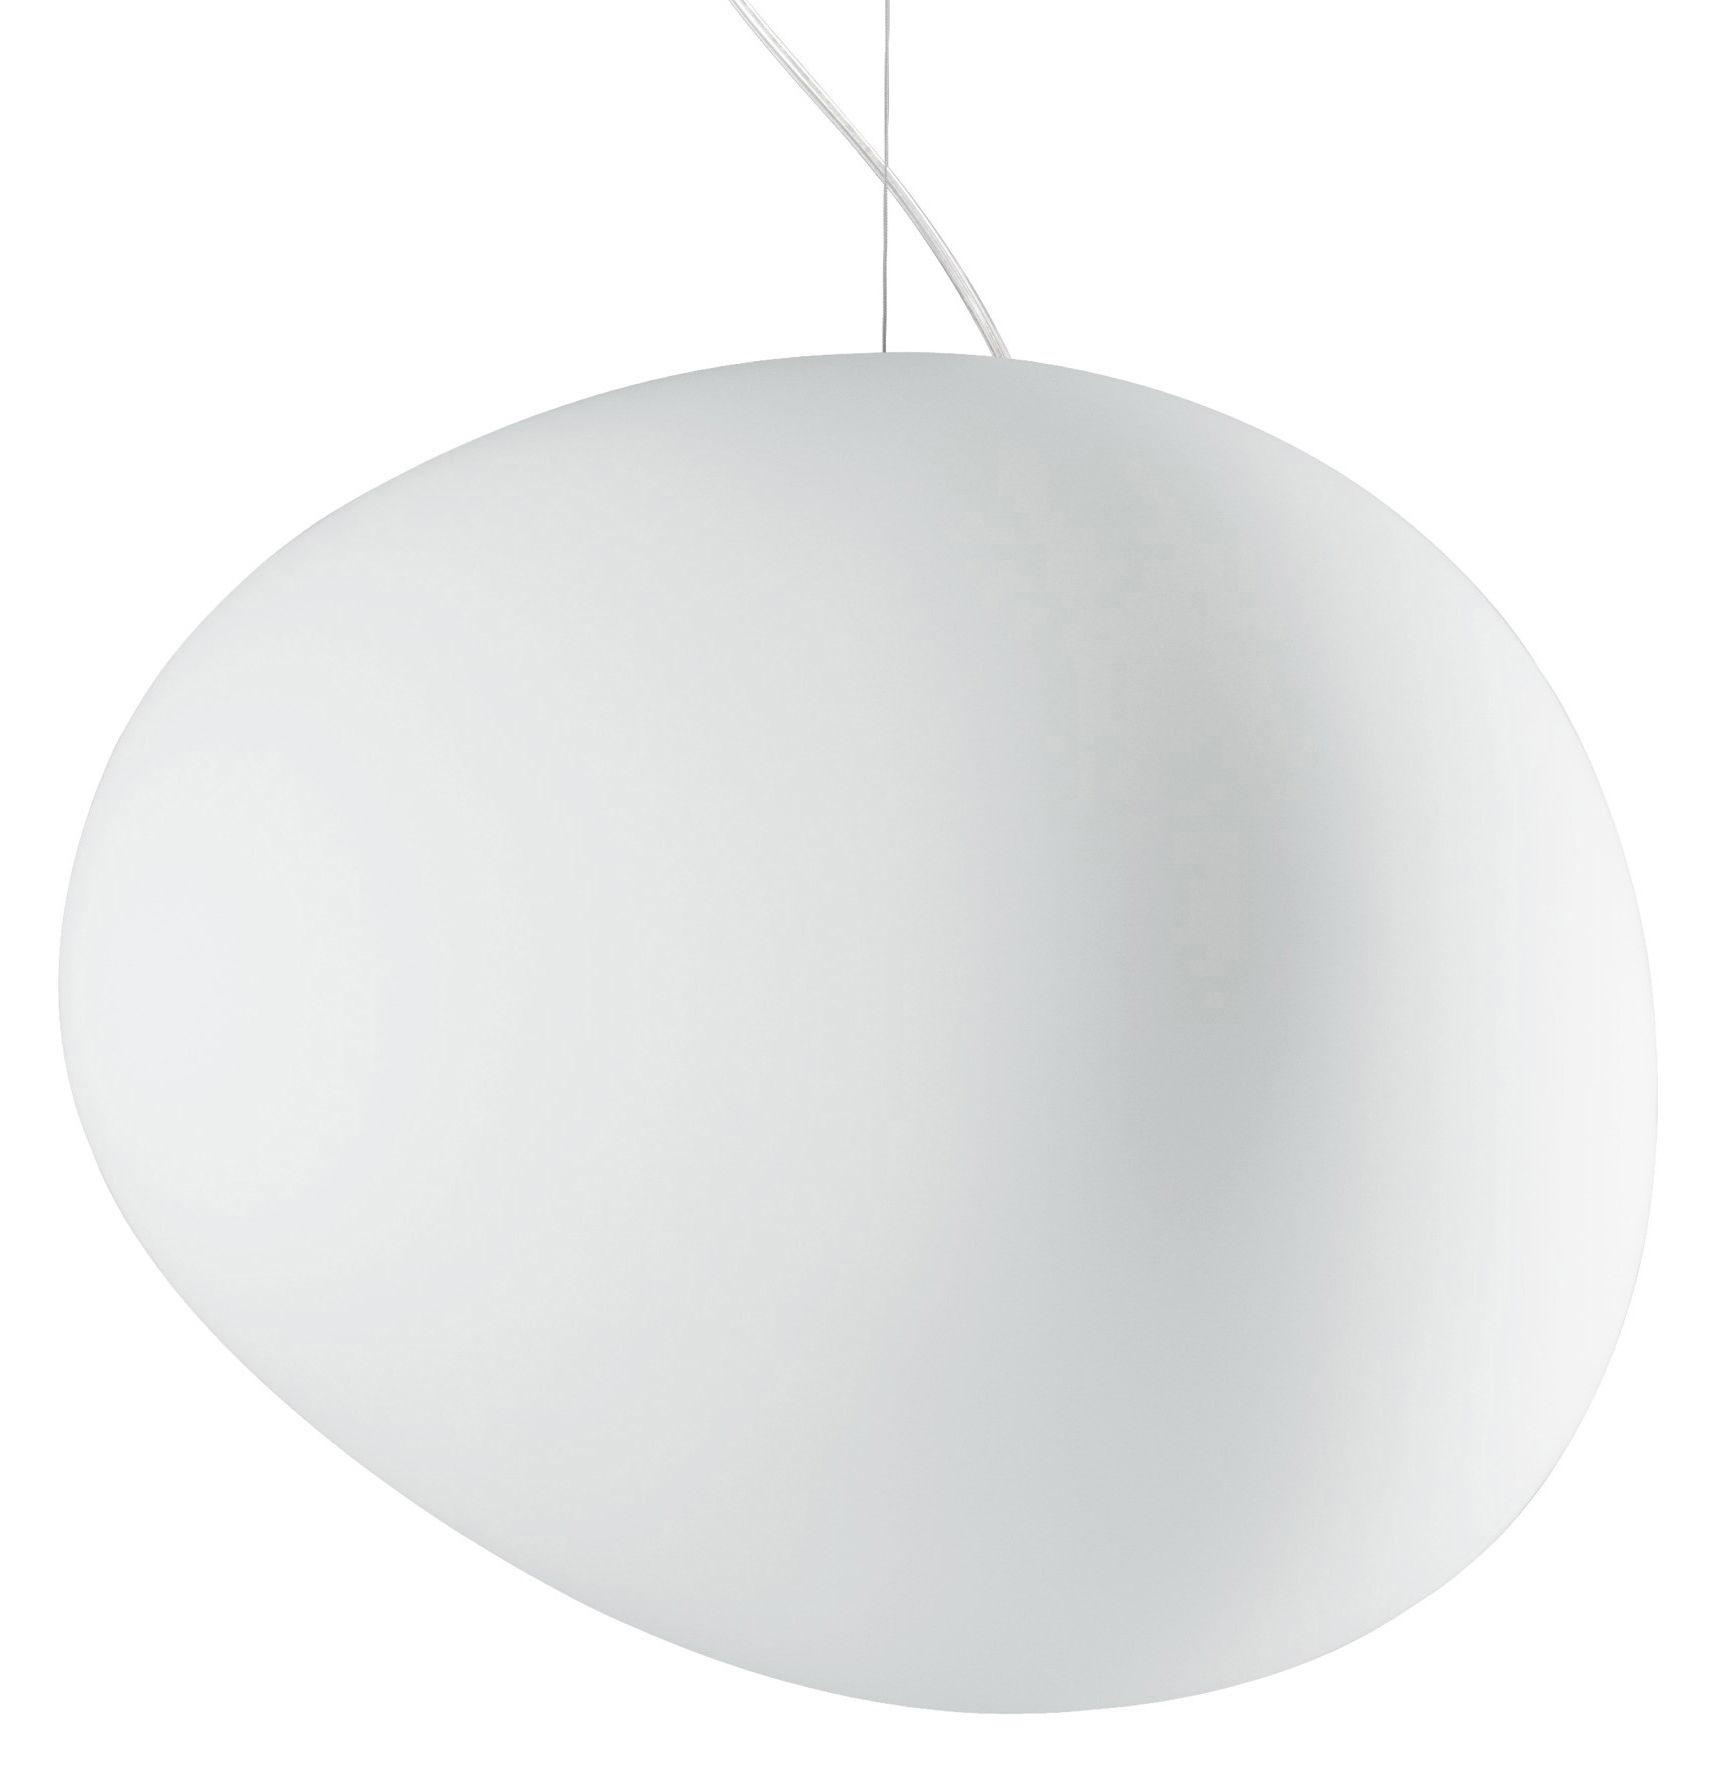 Leuchten - Pendelleuchten - Gregg Grande Pendelleuchte Groß - Foscarini - Weiß - Grande (L 47 cm) - geblasenes Glas